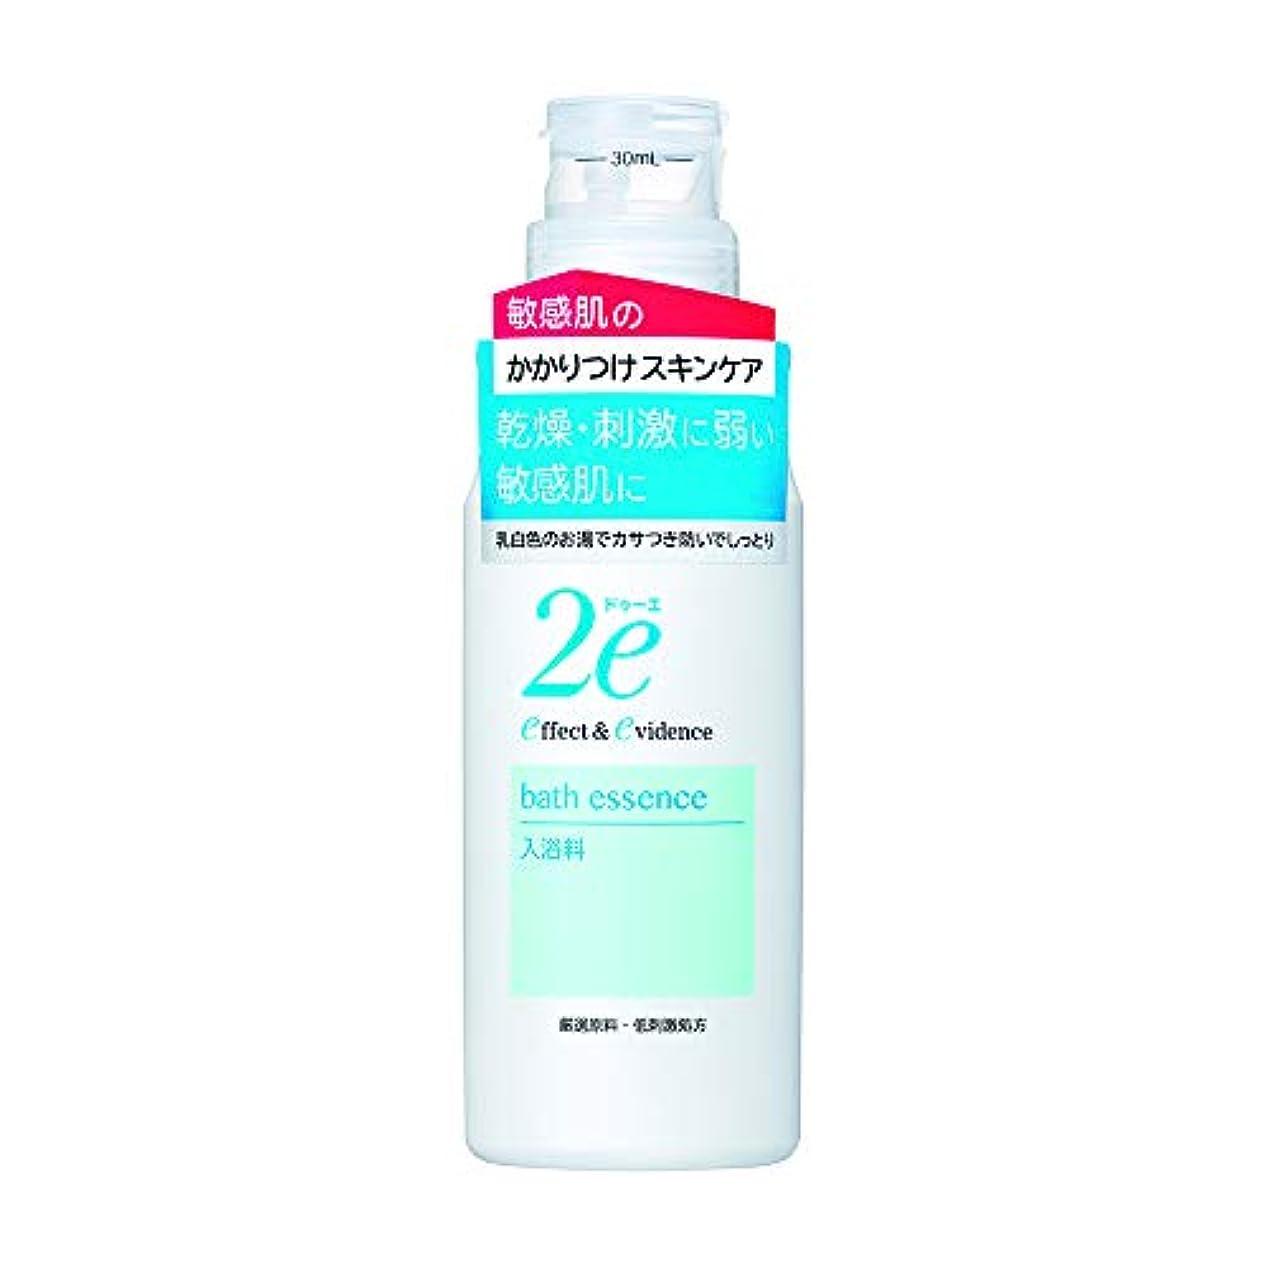 肥料マーチャンダイザーメールを書く2e(ドゥーエ) ドゥーエ 入浴料 入浴剤 420ml